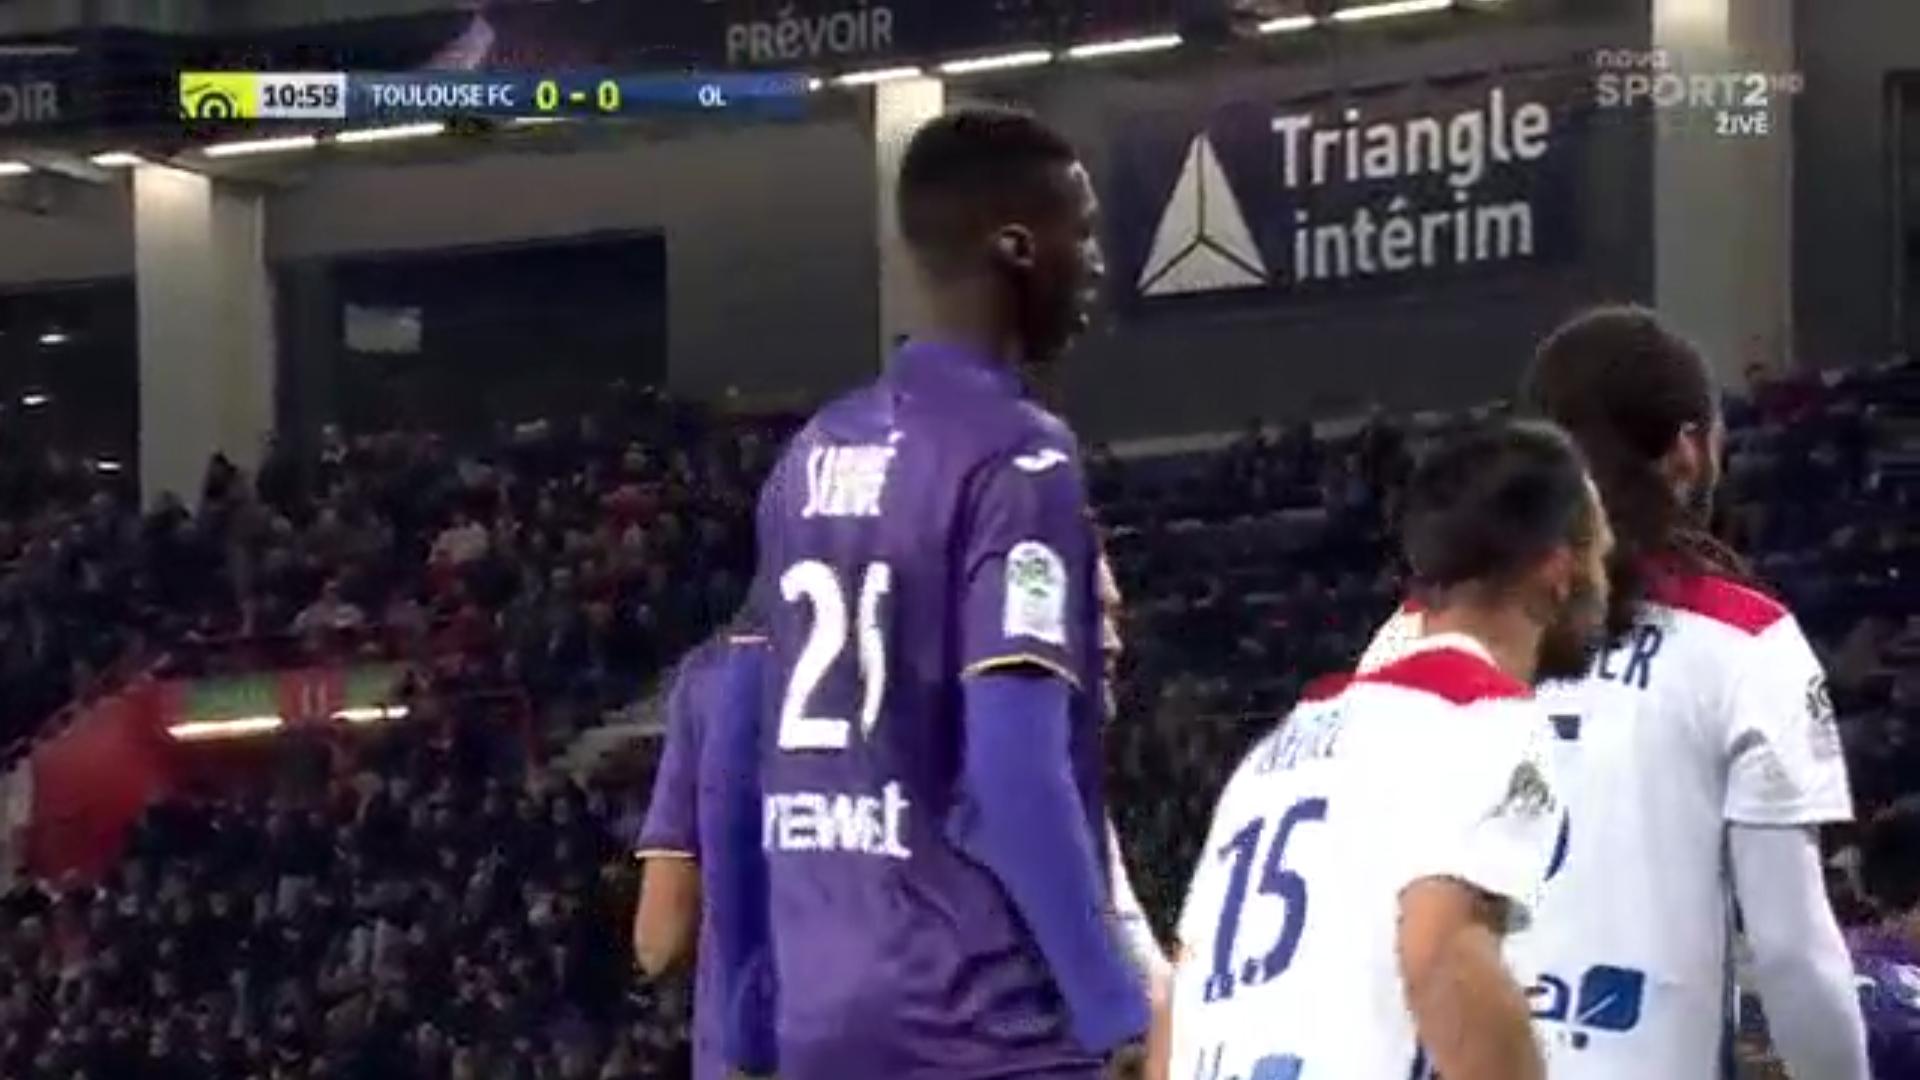 16-01-2019 - Toulouse 2-2 Lyon